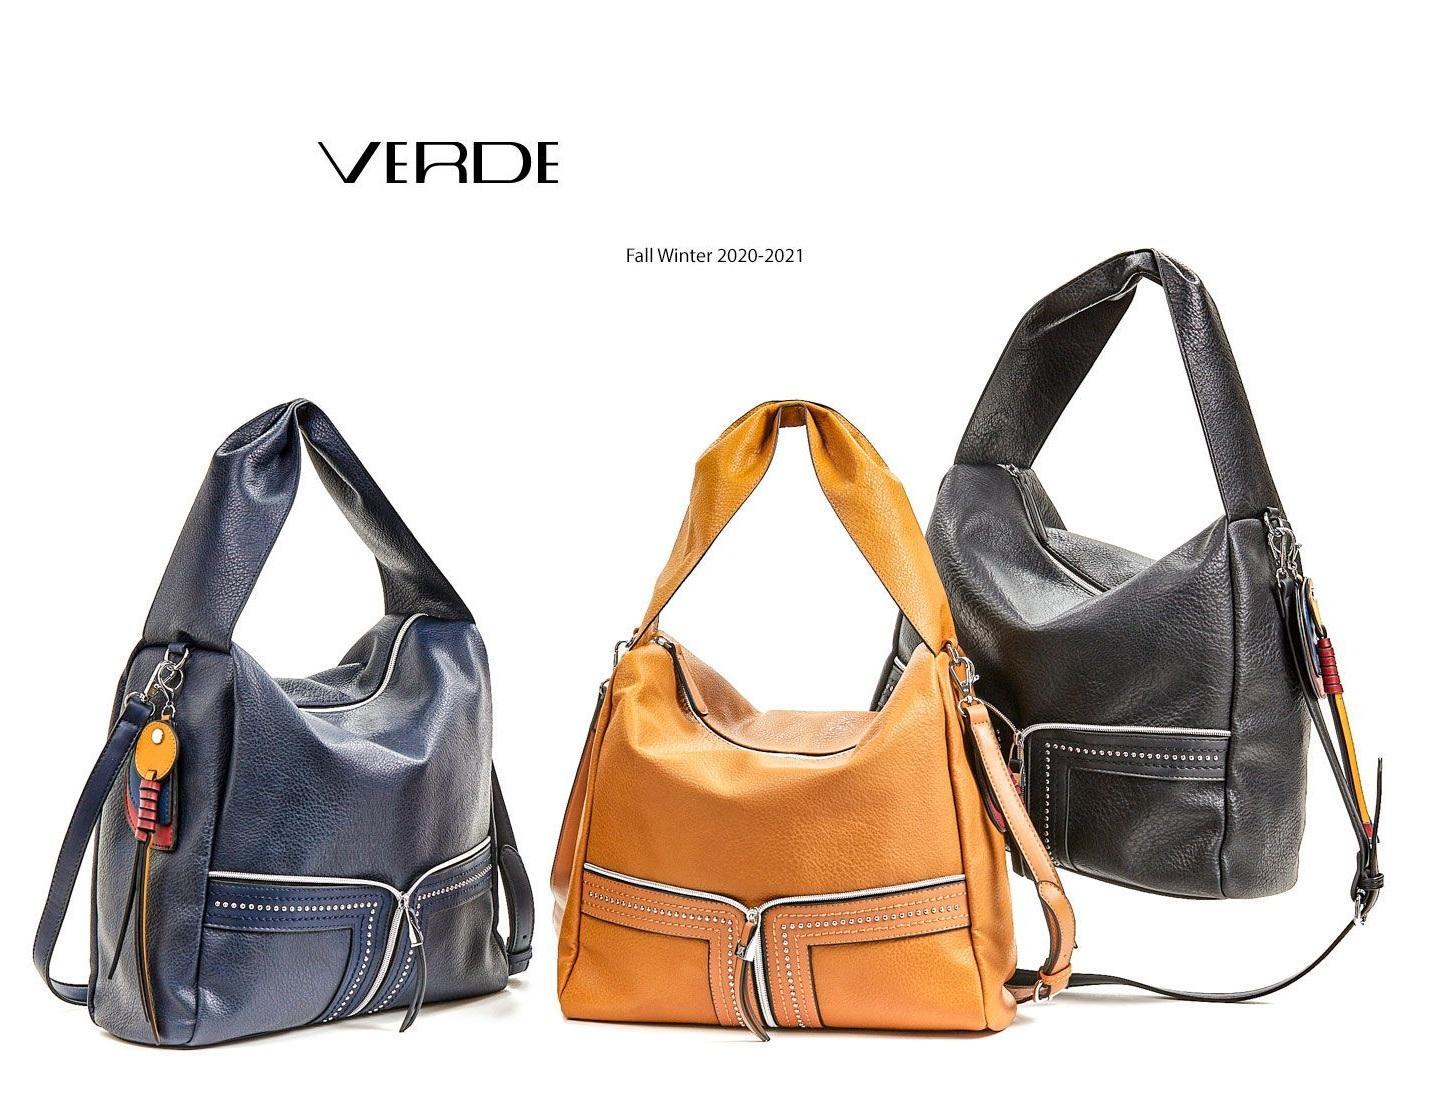 Sac bleu femme | Nouvelle collection de sacs d'hiver